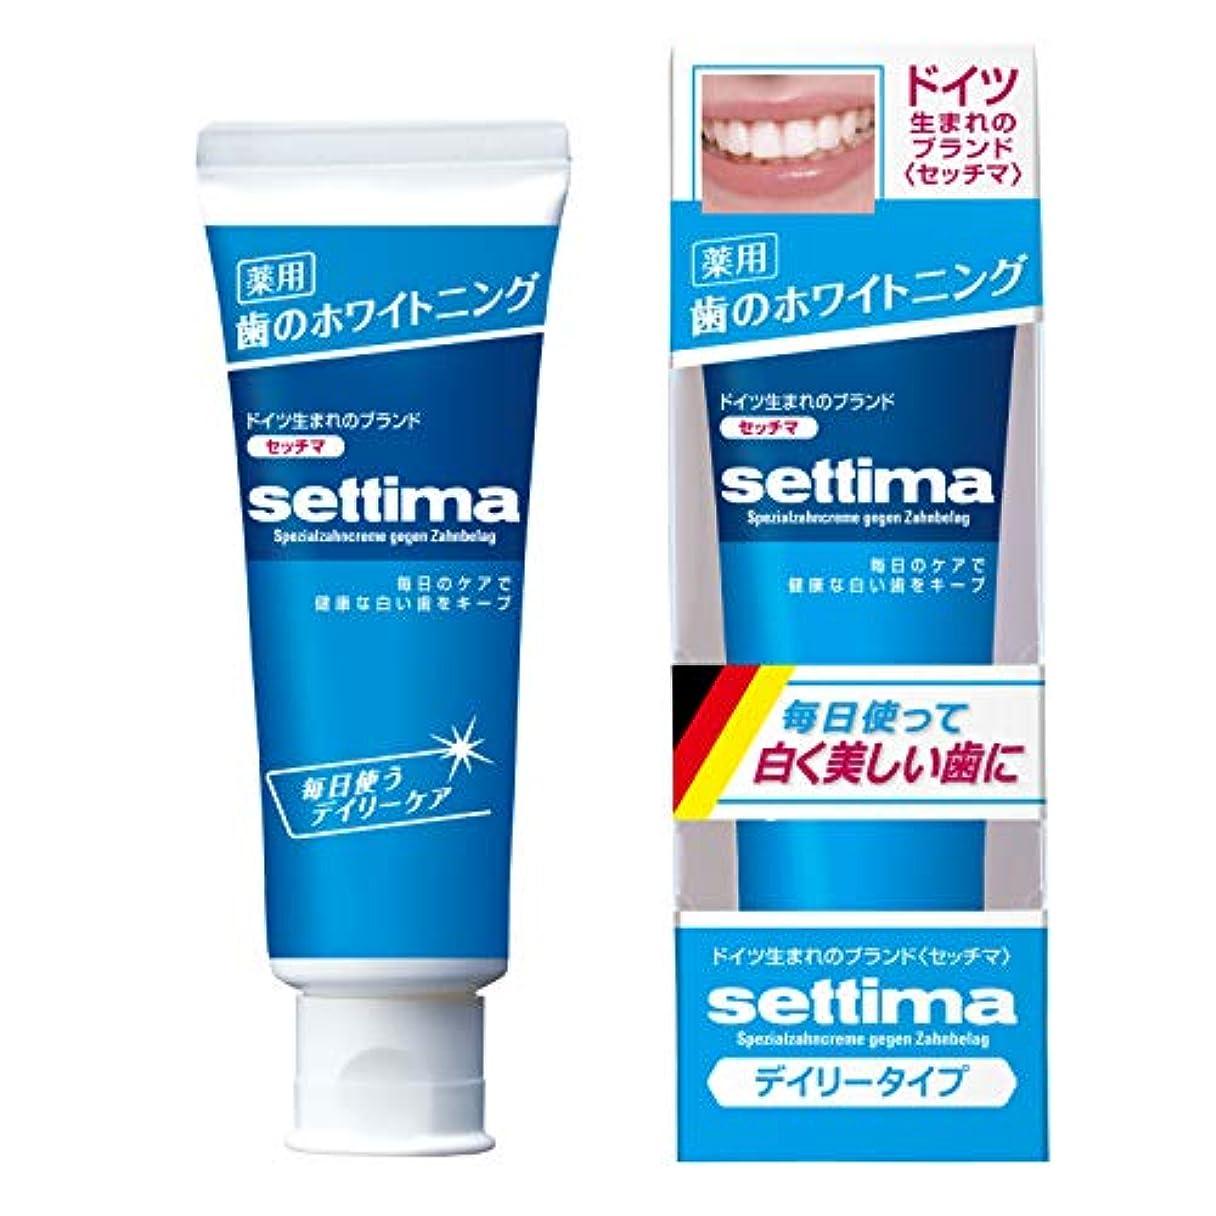 最終そこから機械的settima(セッチマ) ホワイトニング 歯みがき デイリーケア [ファインミントタイプ]  80g